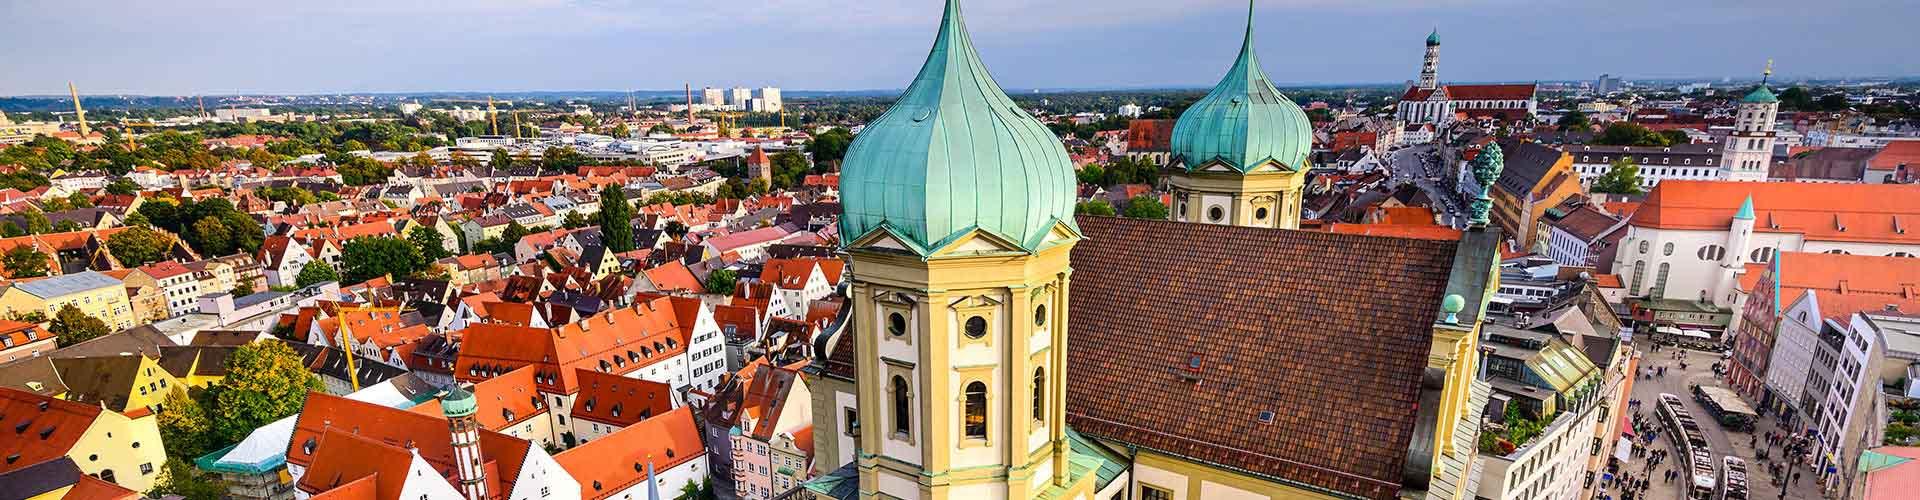 Augsburg - Albergues en Augsburg. Mapas de Augsburg, Fotos y Comentarios para cada Albergue en Augsburg.